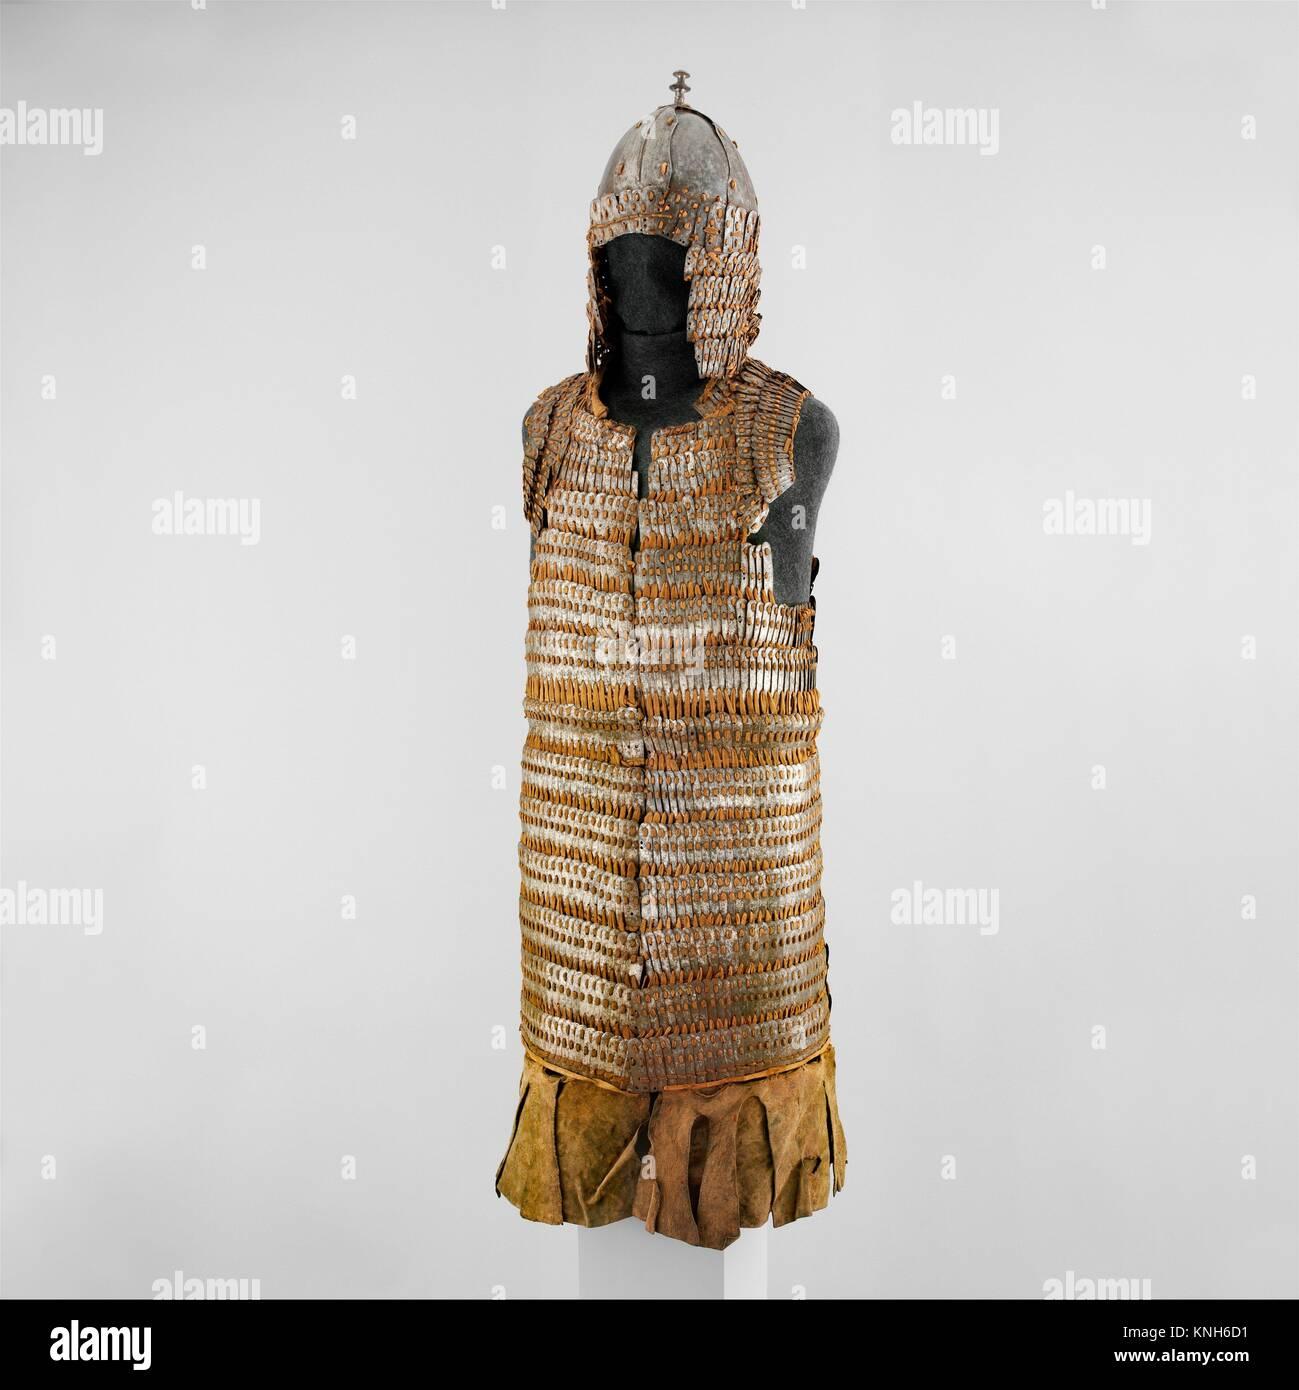 c82961290 Lamellar Armor (Byang Bu'i Khrab) and Helmet. Date: possibly 16th